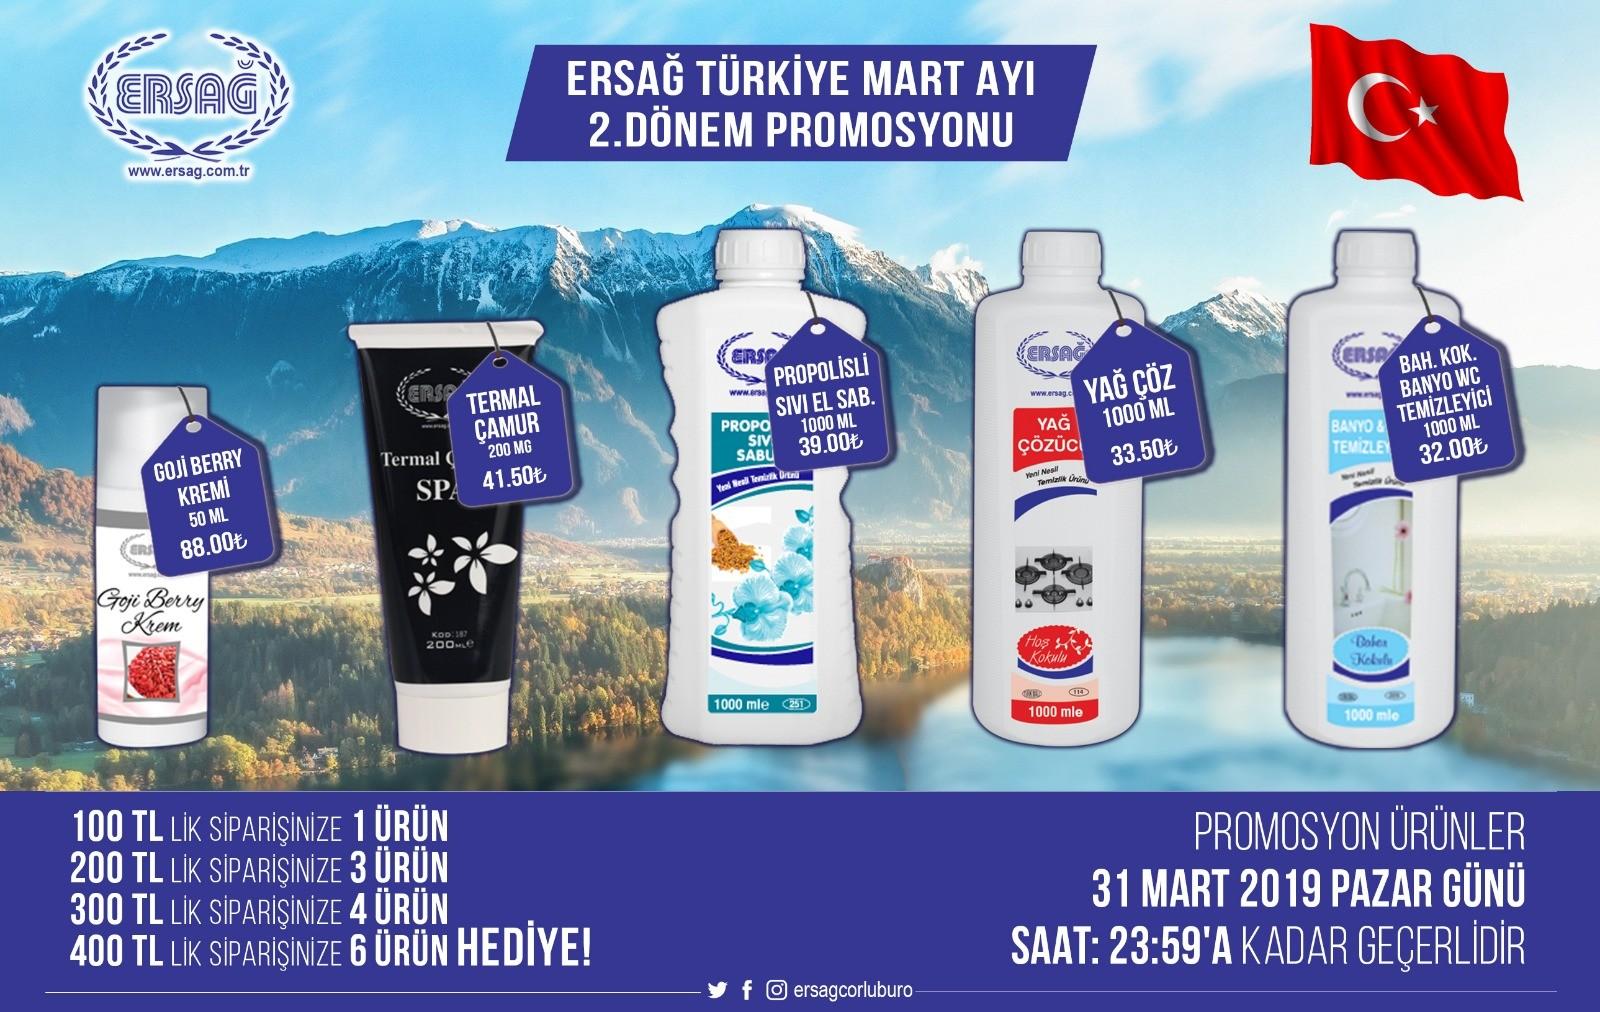 Ersağ Türkiye Mart 2'ci  Dönem Promosyon Ürünleri